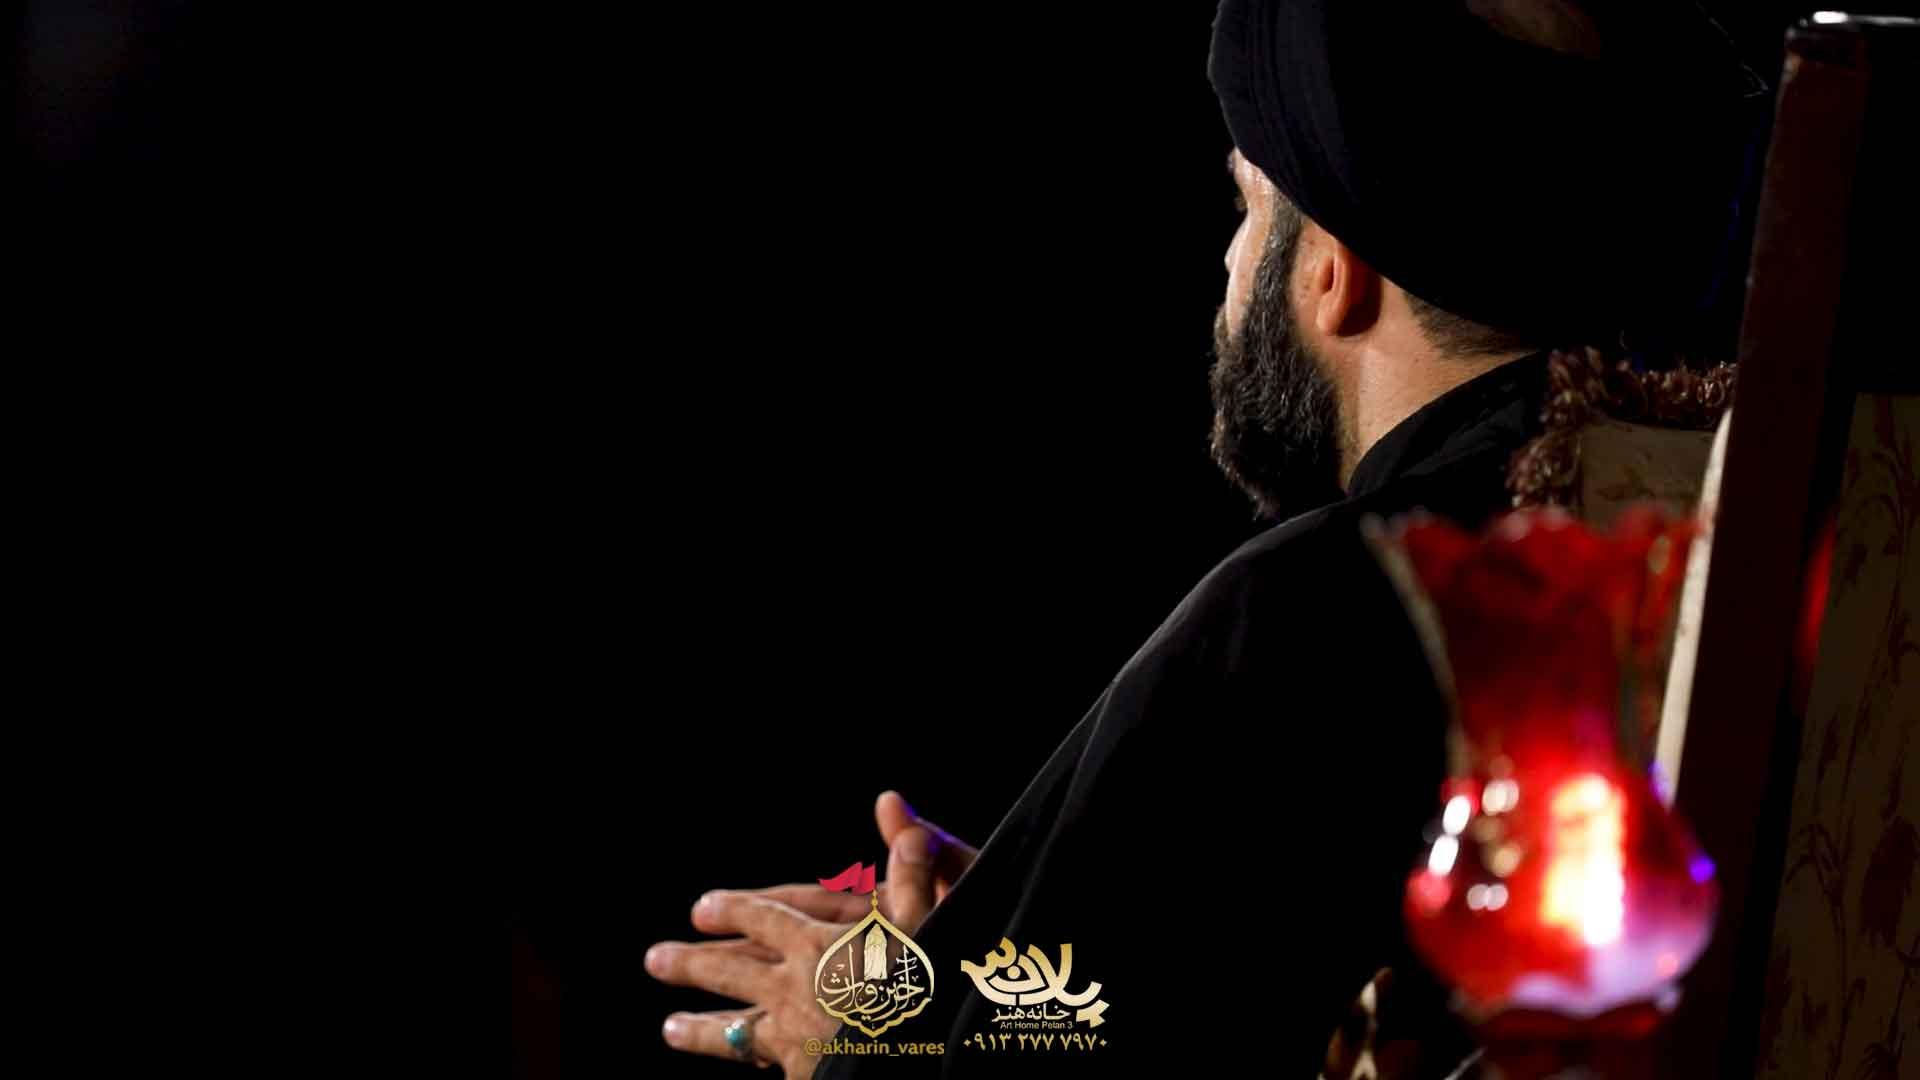 جز زیبایی ندیدم هادی احمدی